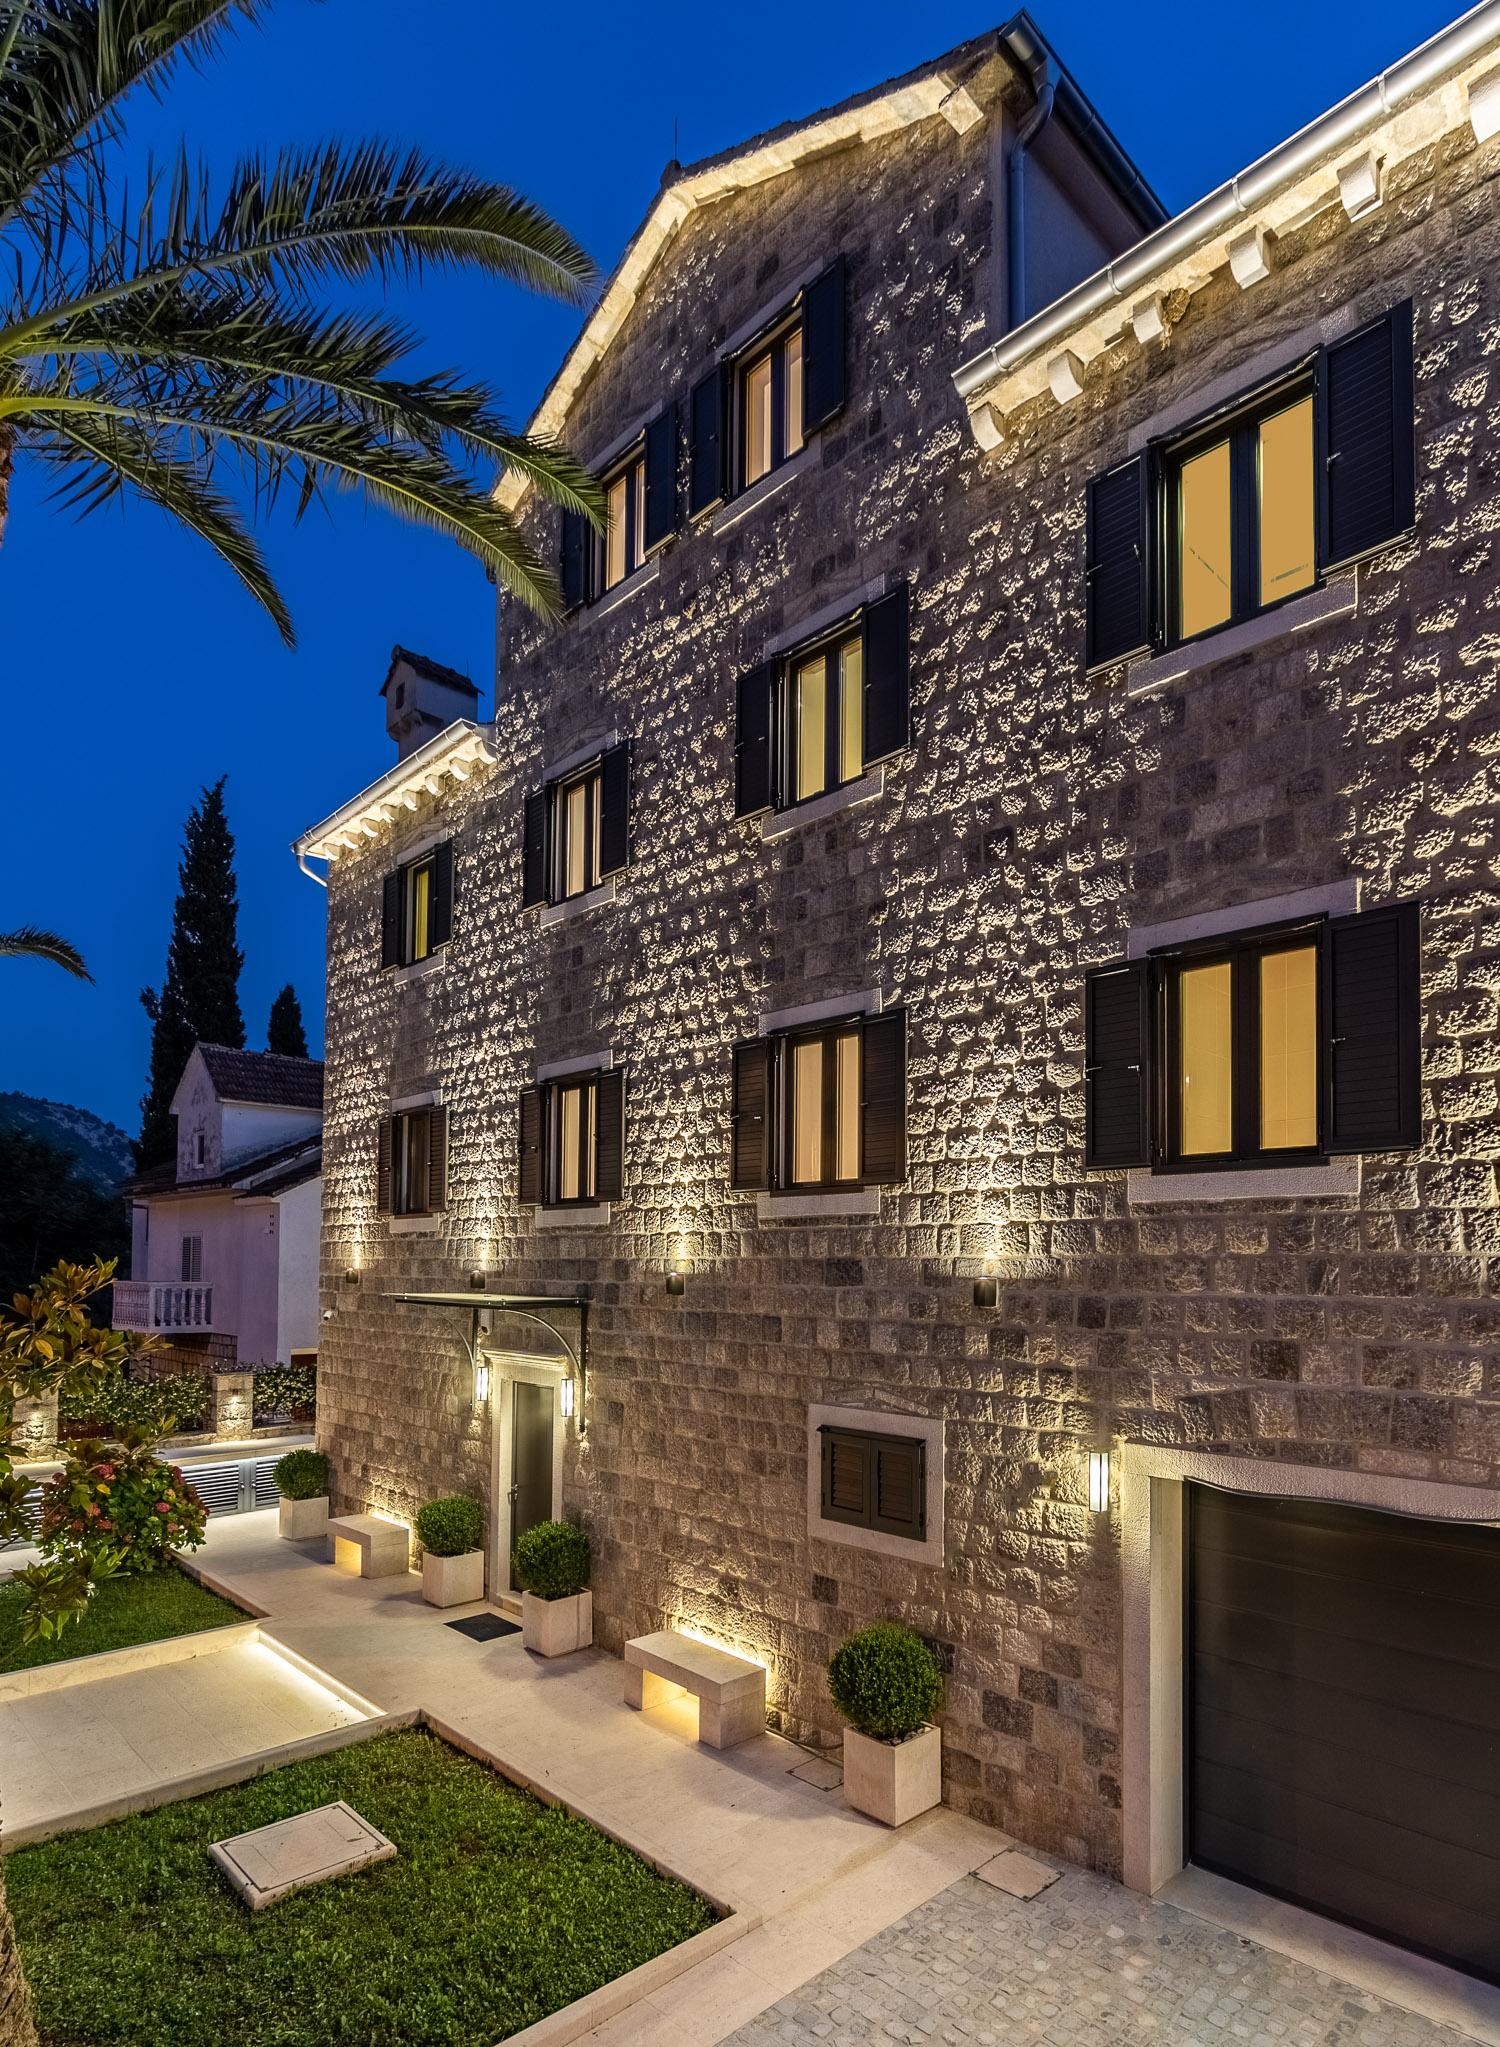 waterfront-villa-with-palmtrees-risan-Bay-Of-Kotor-Montenegro.JPG